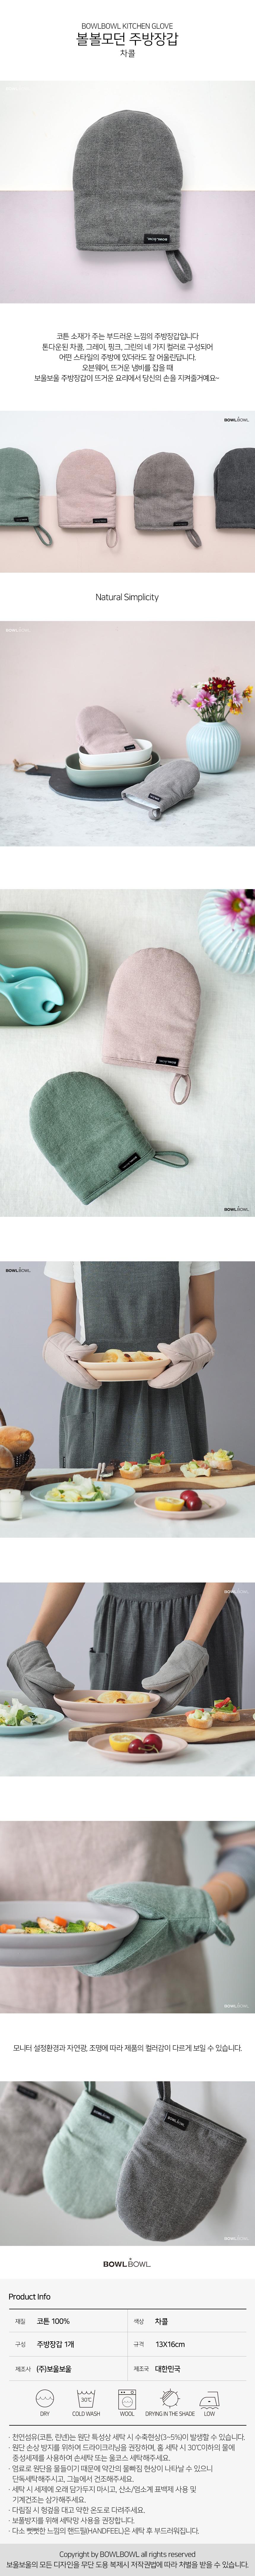 볼볼모던 주방장갑(차콜) - 보울보울, 5,900원, 주방장갑/주방타올, 주방장갑